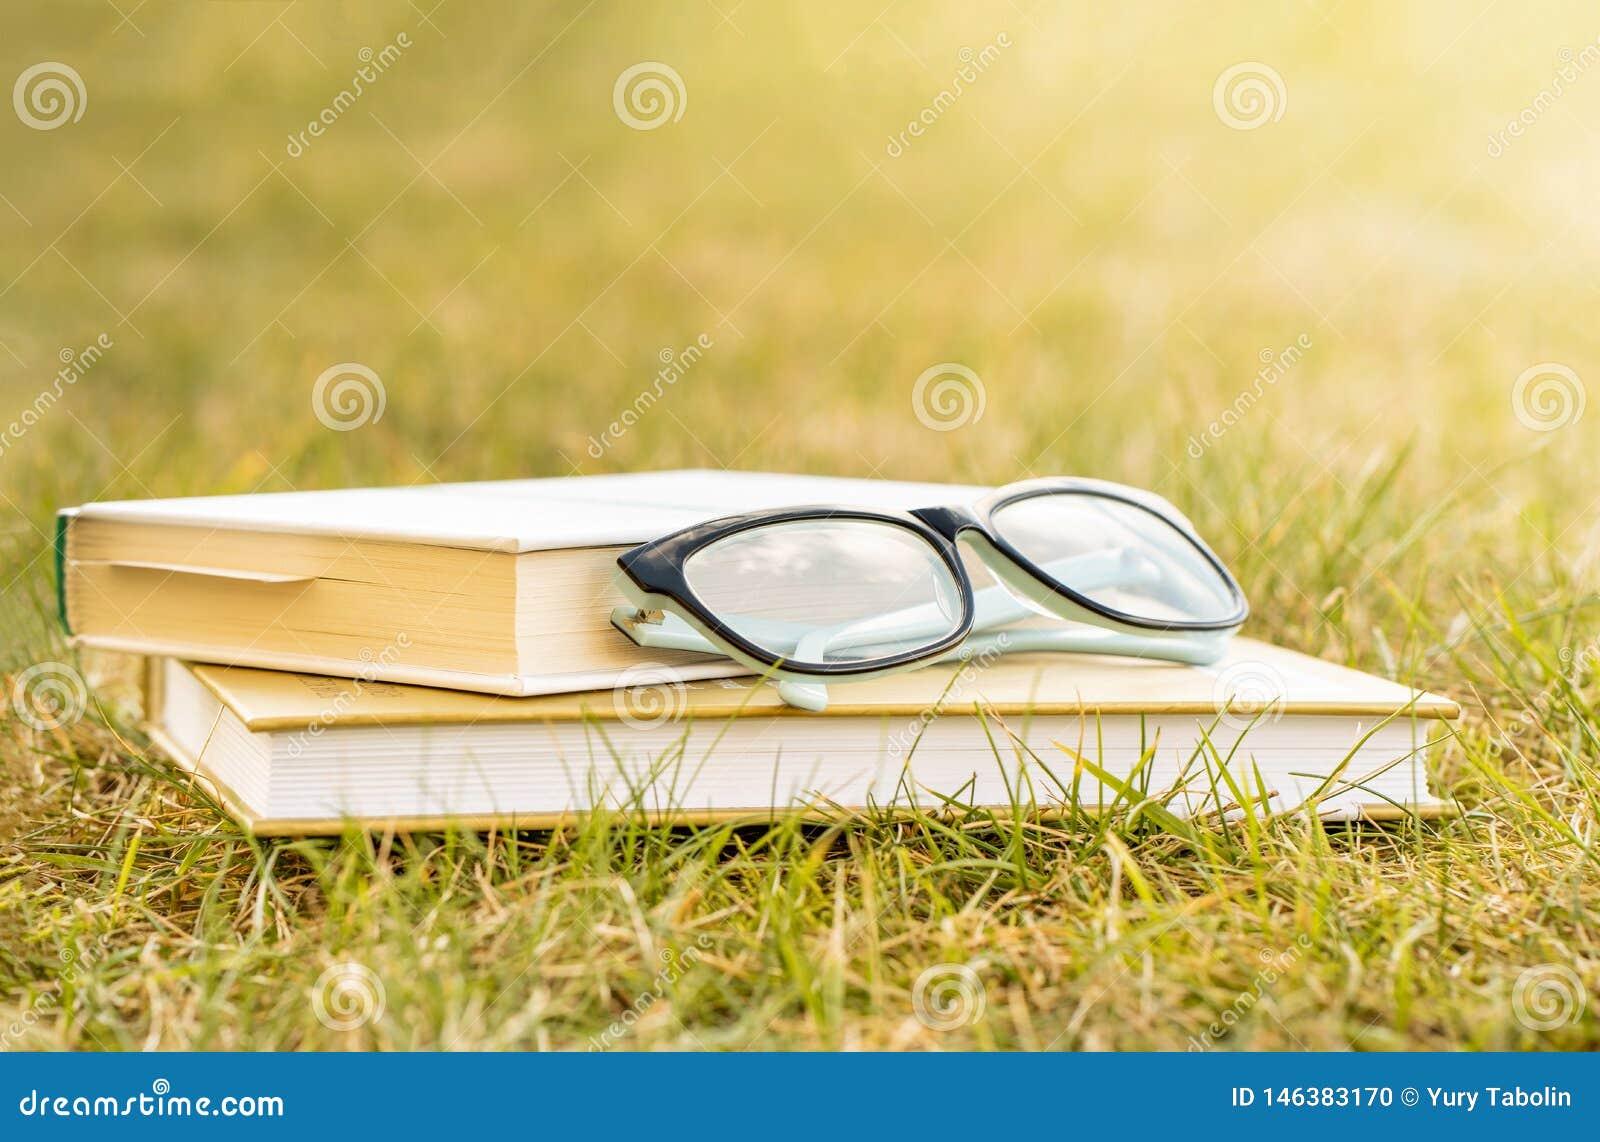 Outdoor recreation reading a book